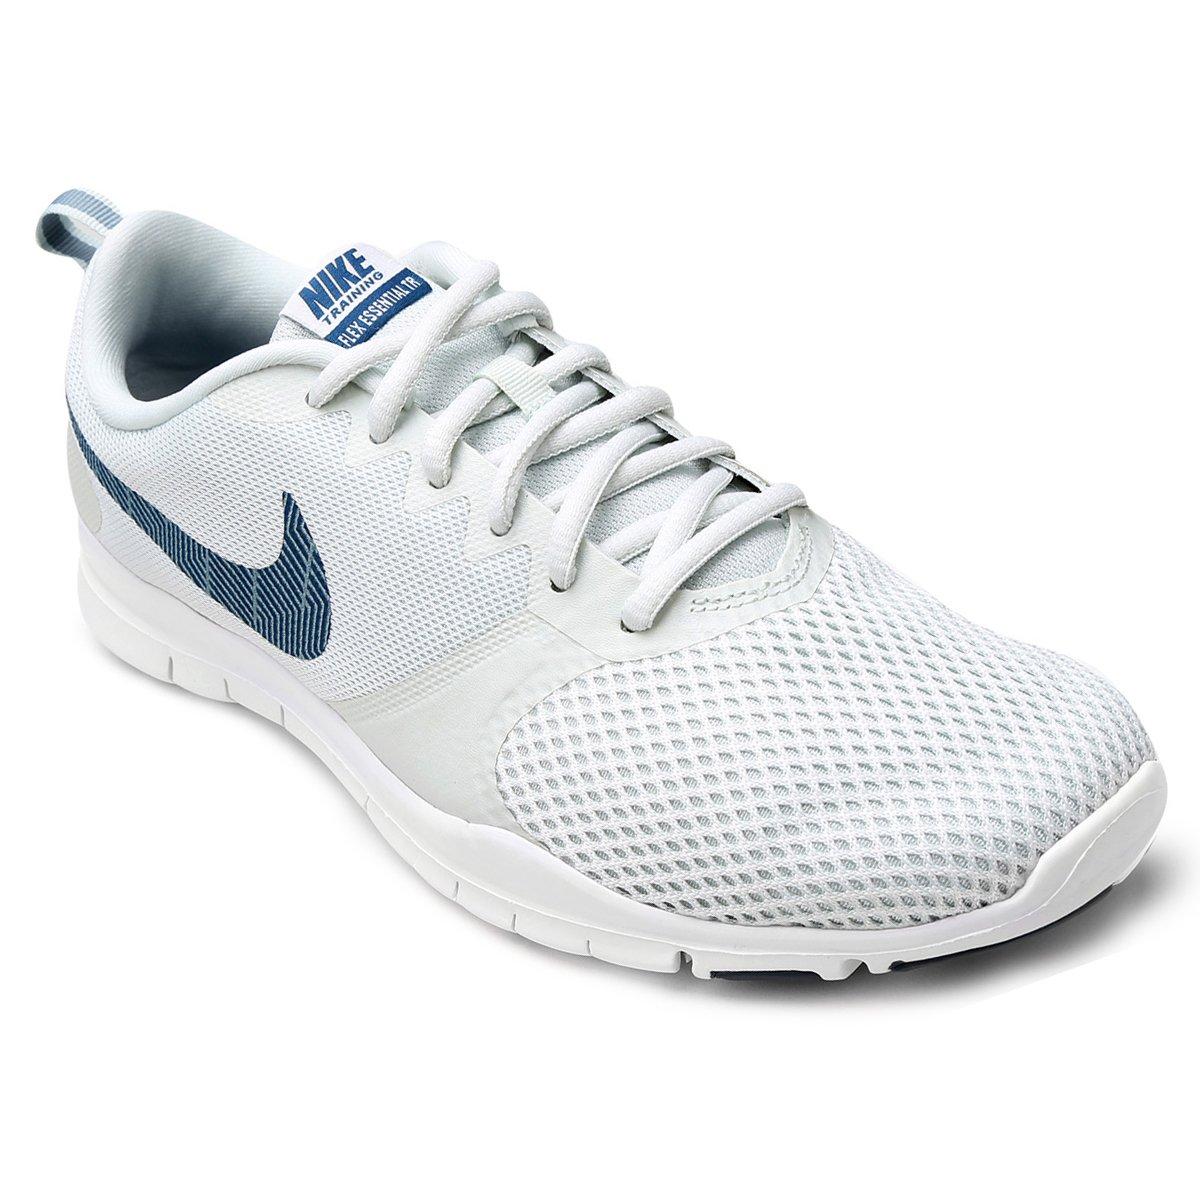 a959505b718 Tênis Nike Flex Essential TR Feminino - Cinza e Azul - Compre Agora ...